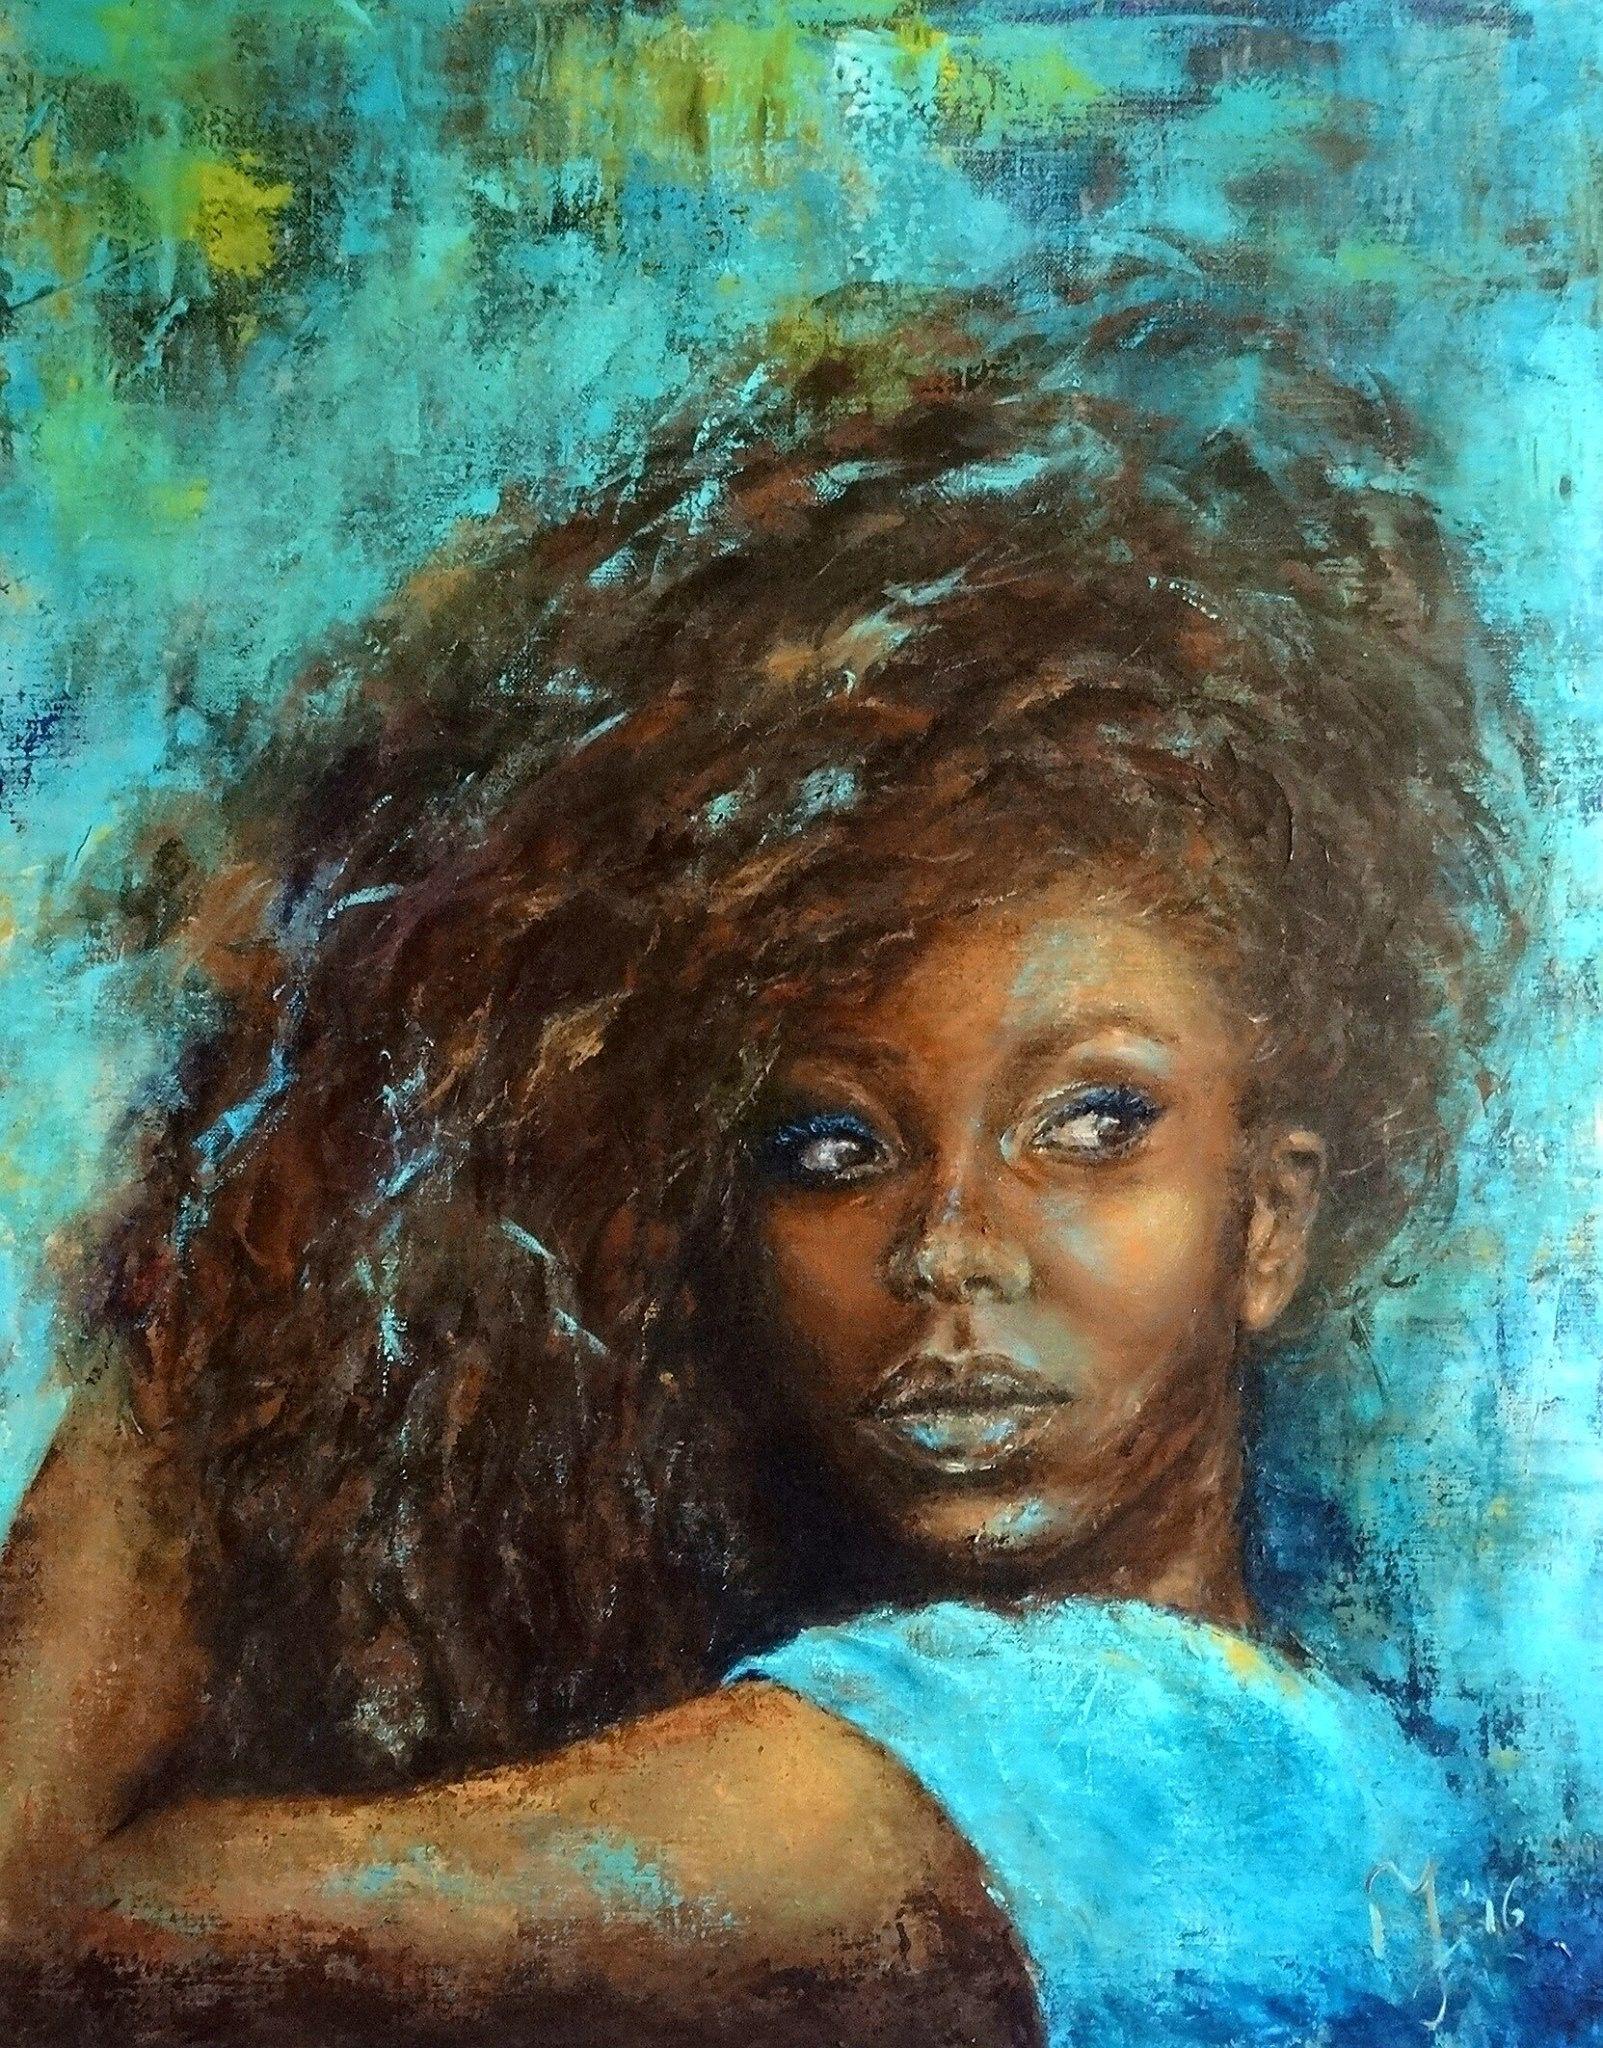 Pin By Felechia Slater On Black Art Pinterest Art Portrait And Black Women Art